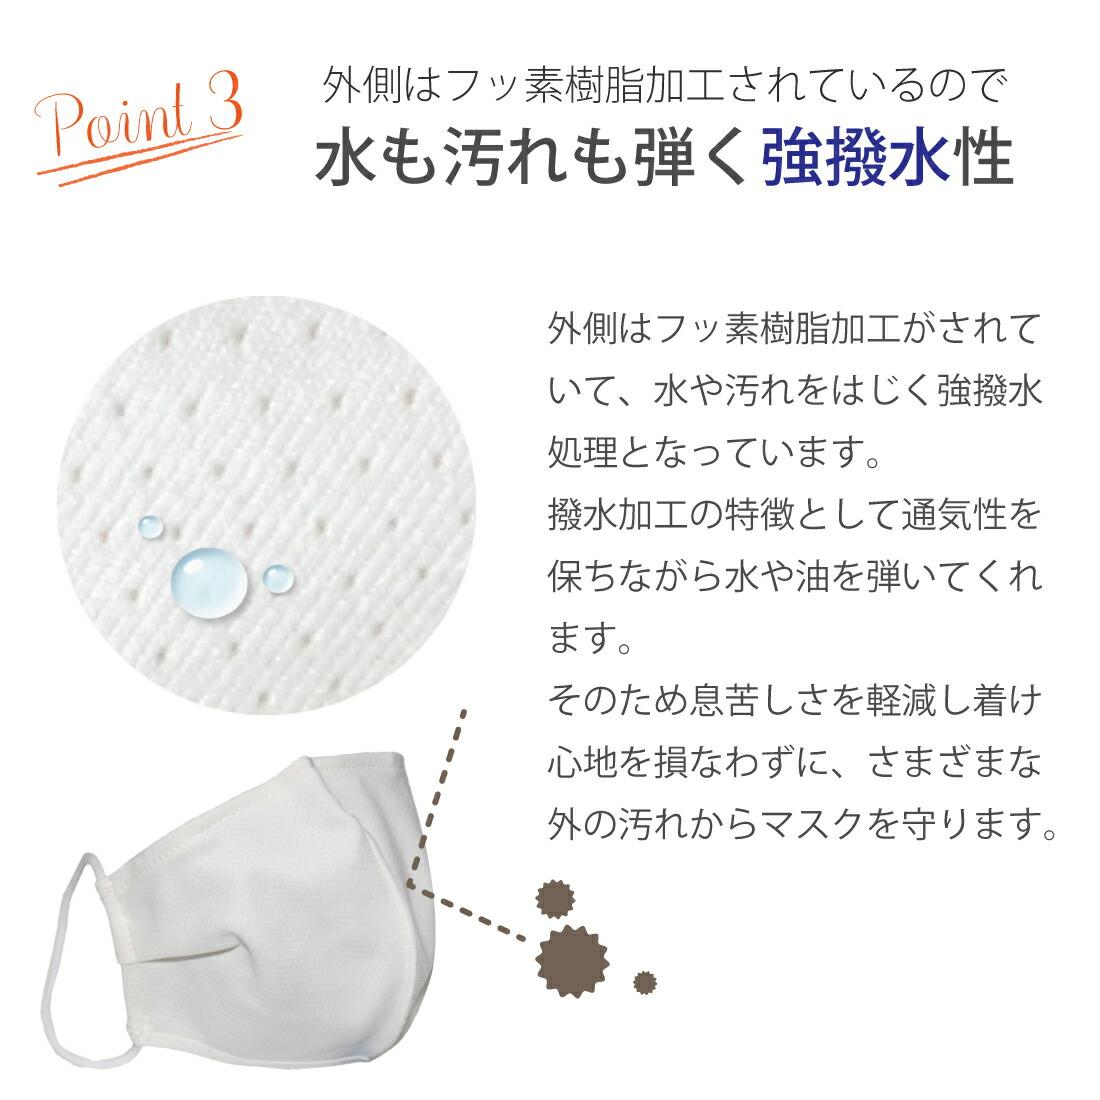 サスティナブルマスク 息苦しくないフッ素樹脂加工 MONGRE MASK (モングレ マスク 2枚入り 洗えるマスク 冷感